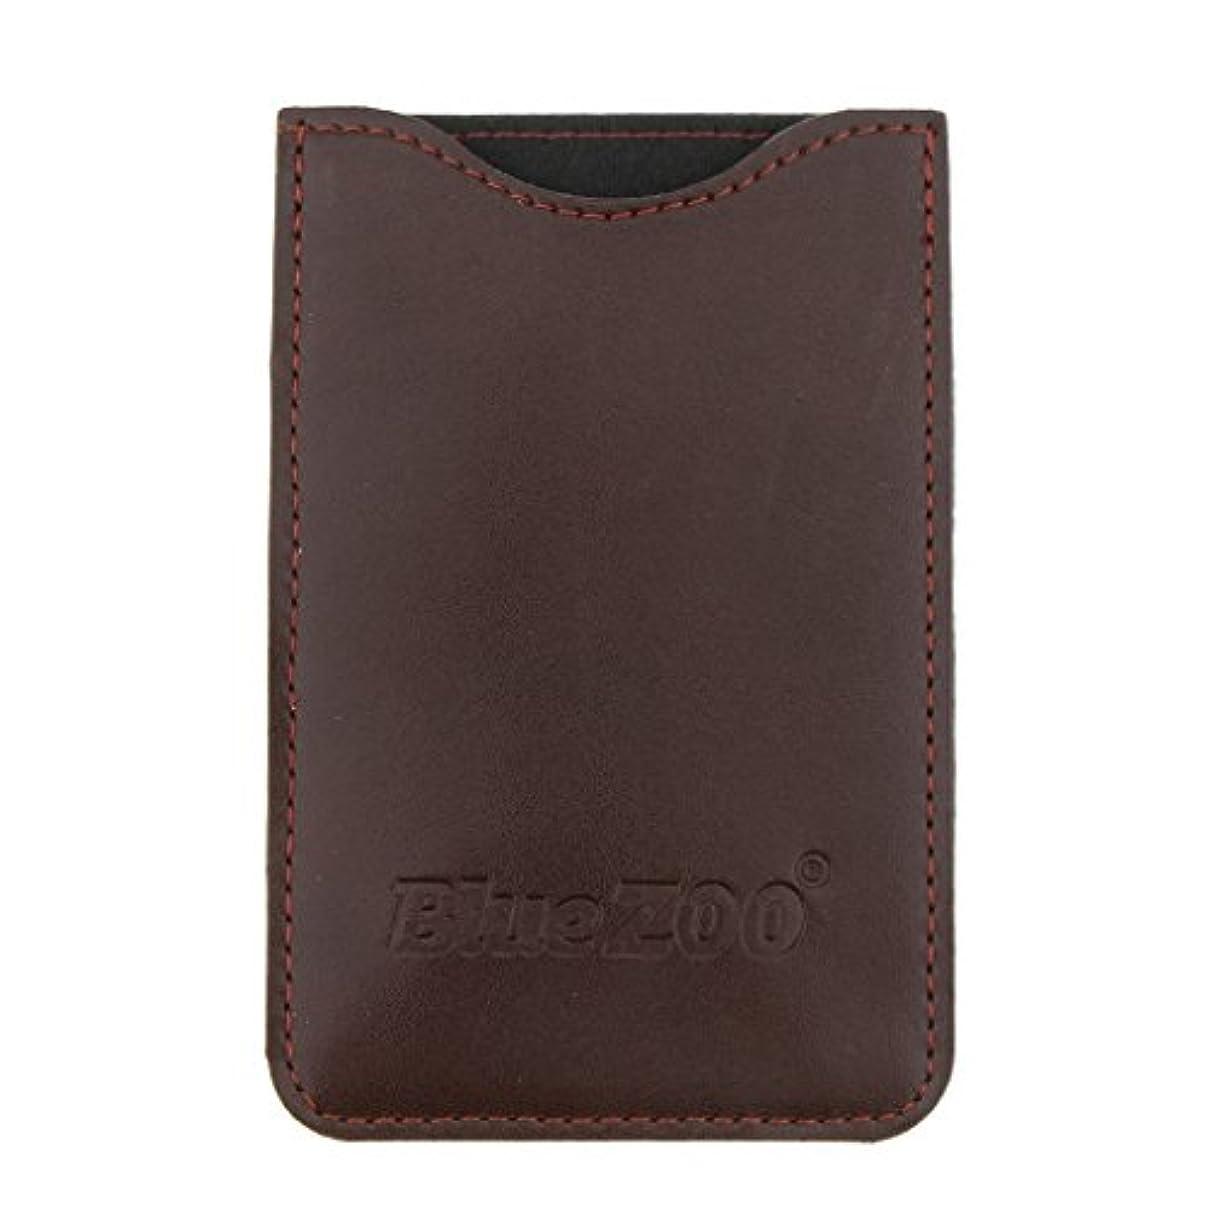 バイオリニスト価格心から木製のポケットヒゲの櫛の保護収納ポーチ、小さな櫛PUレザーケース - 褐色